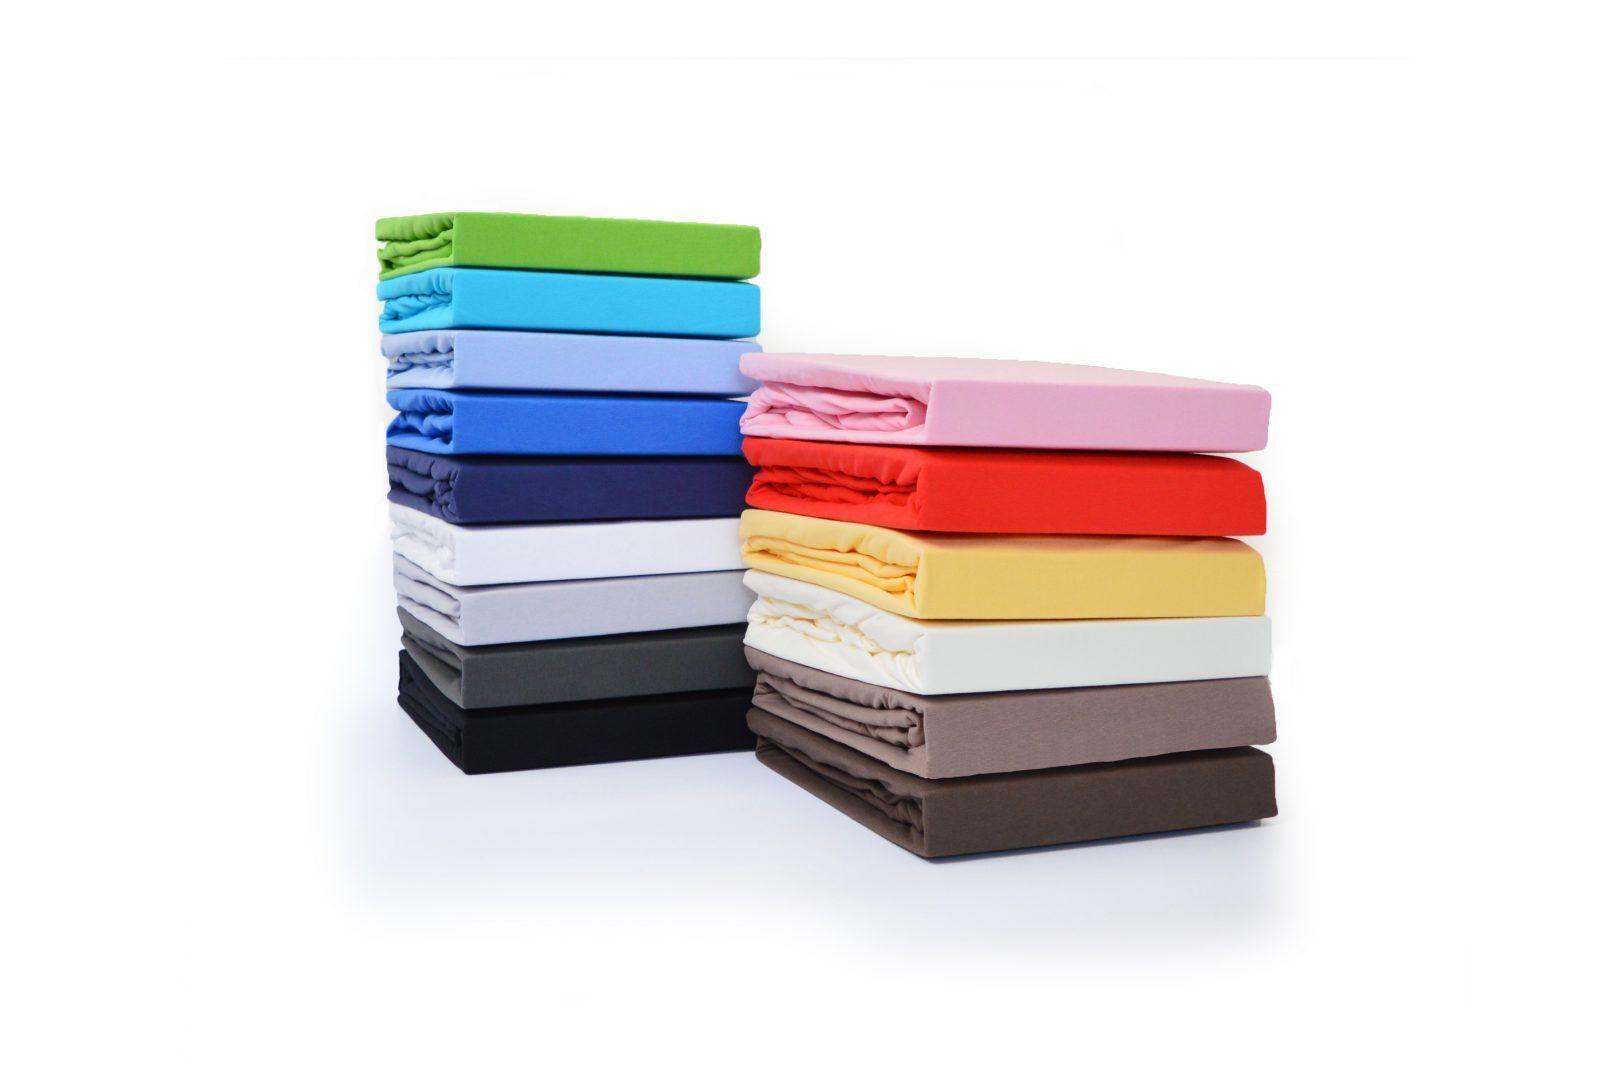 Snoozing topper hoeslaken zijn er in allerlei kleuren - waarom topper hoeslaken